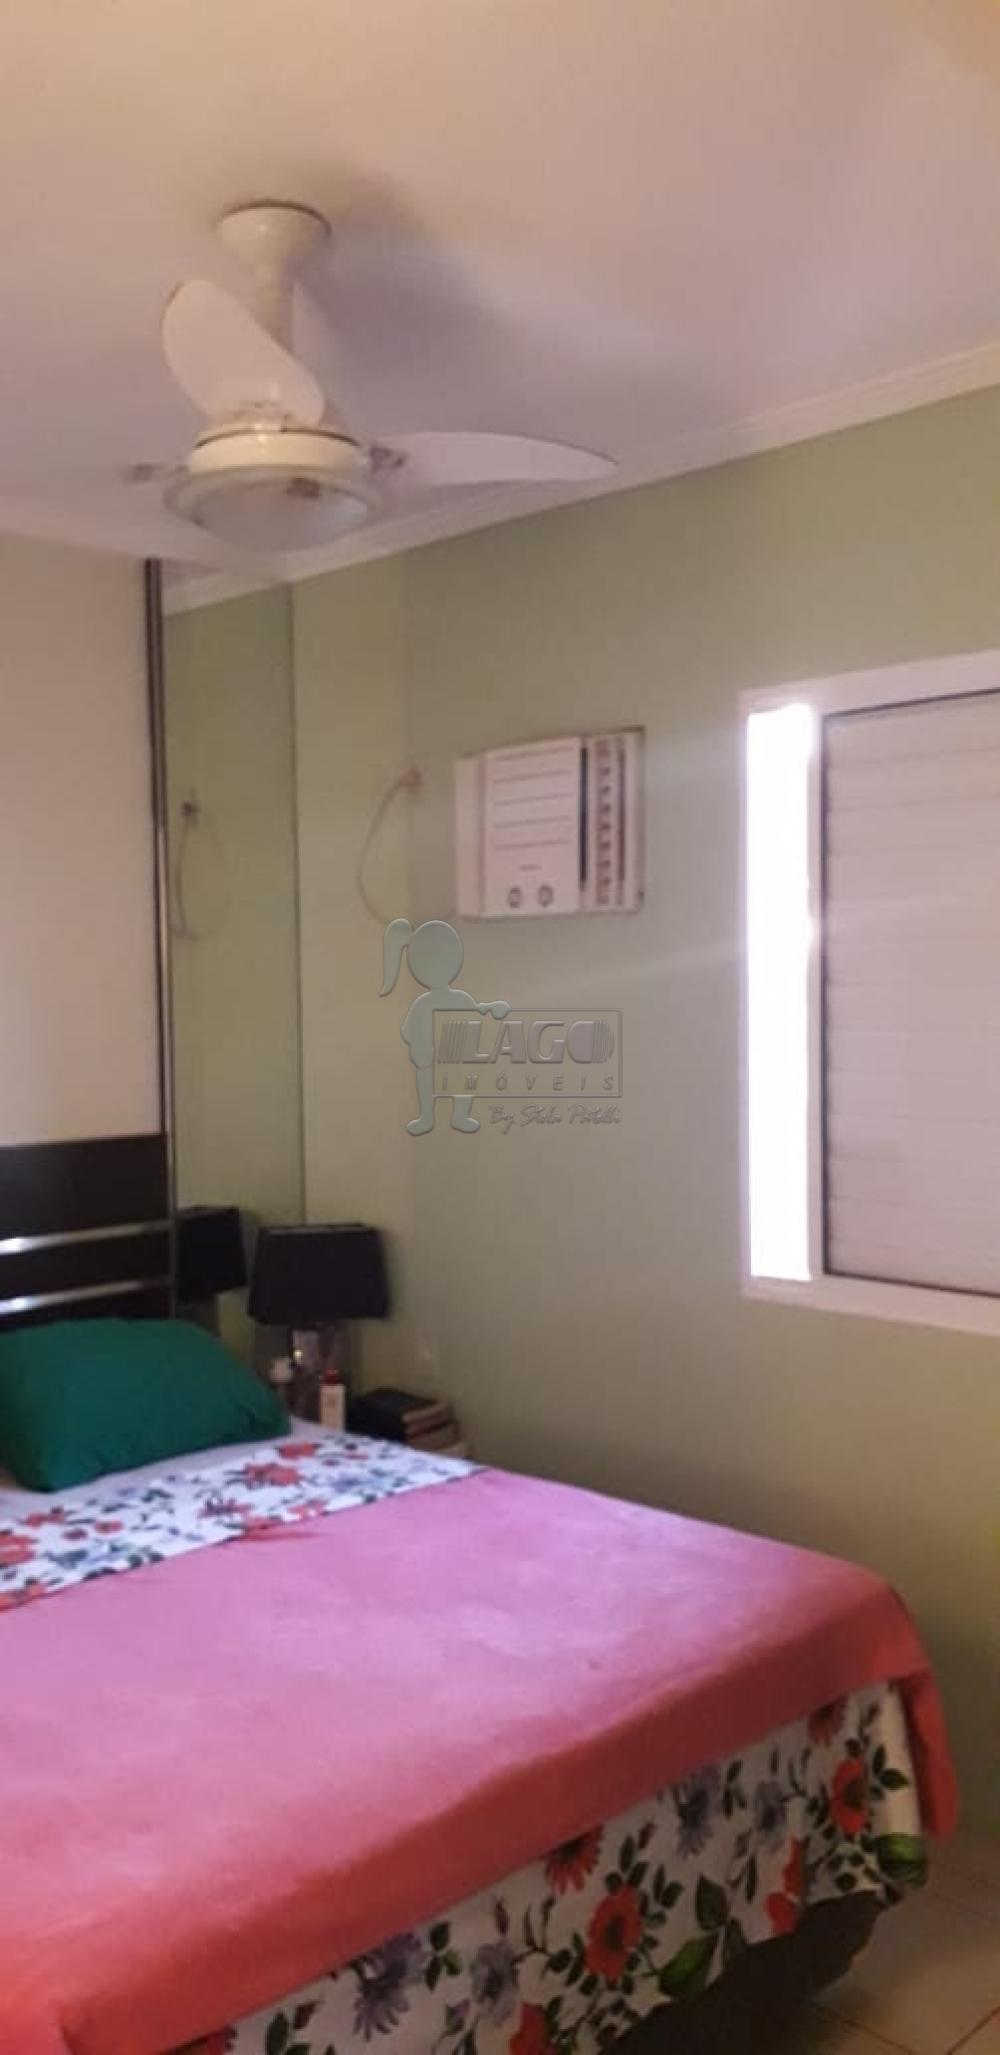 Comprar Apartamento / Padrão em Ribeirão Preto apenas R$ 200.000,00 - Foto 26